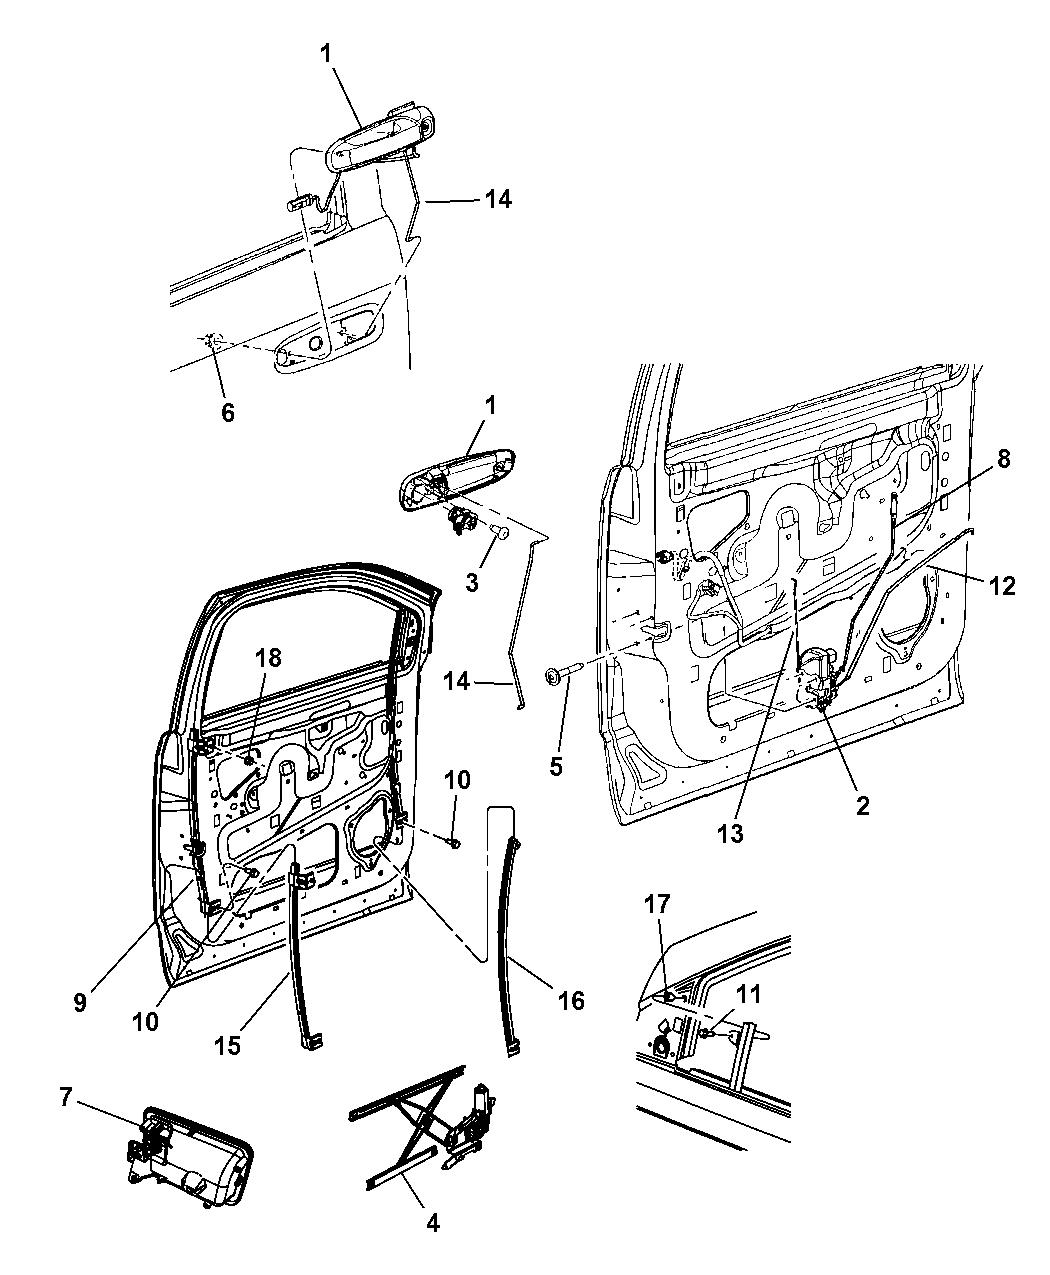 2008 Chrysler Aspen Front Door, Hardware Components